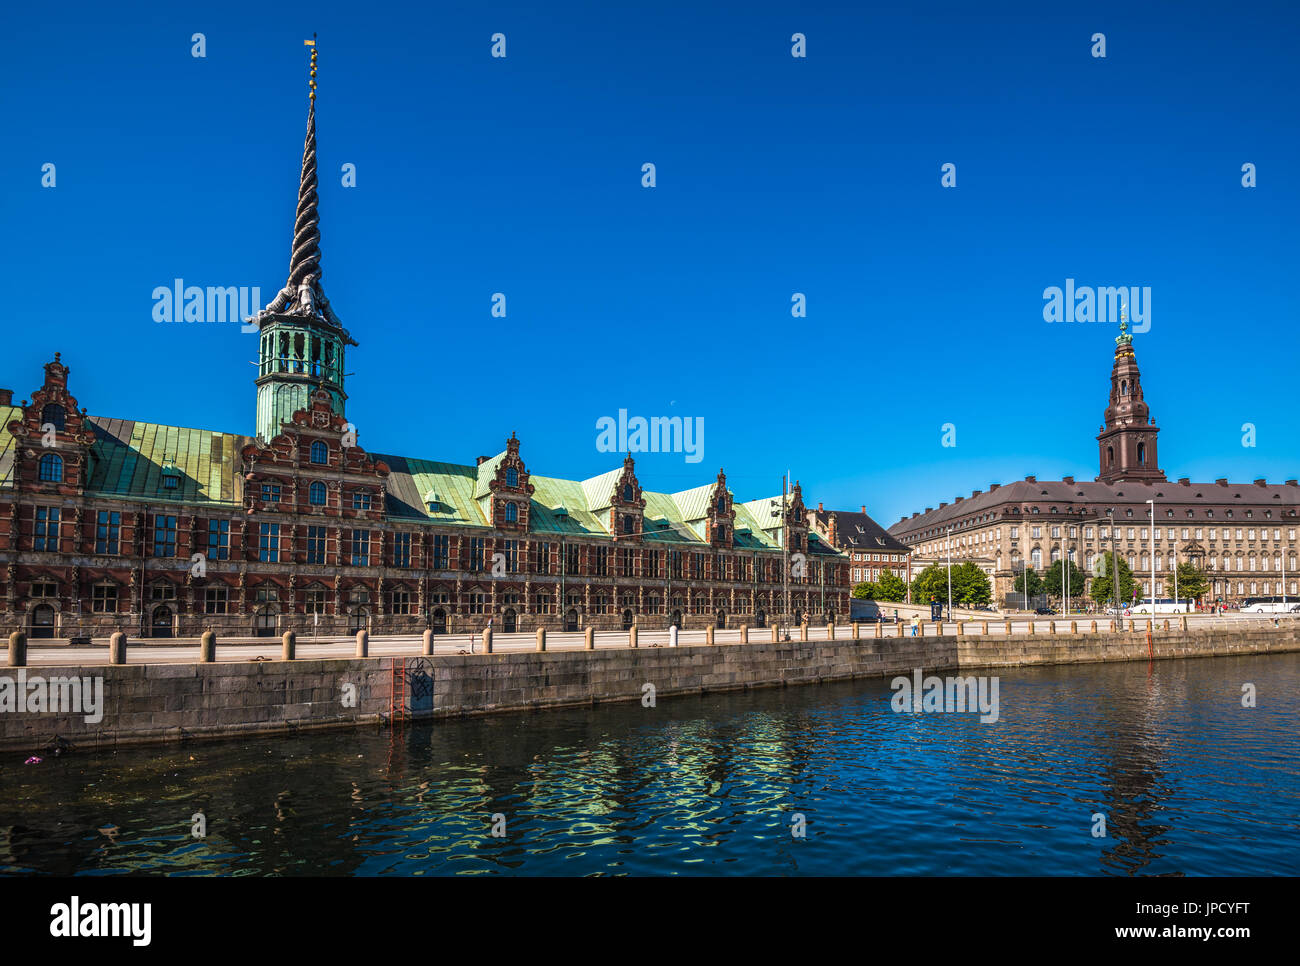 The Borsen, Old Stock Exchange Building in Copenhagen, Denmark - Stock Image